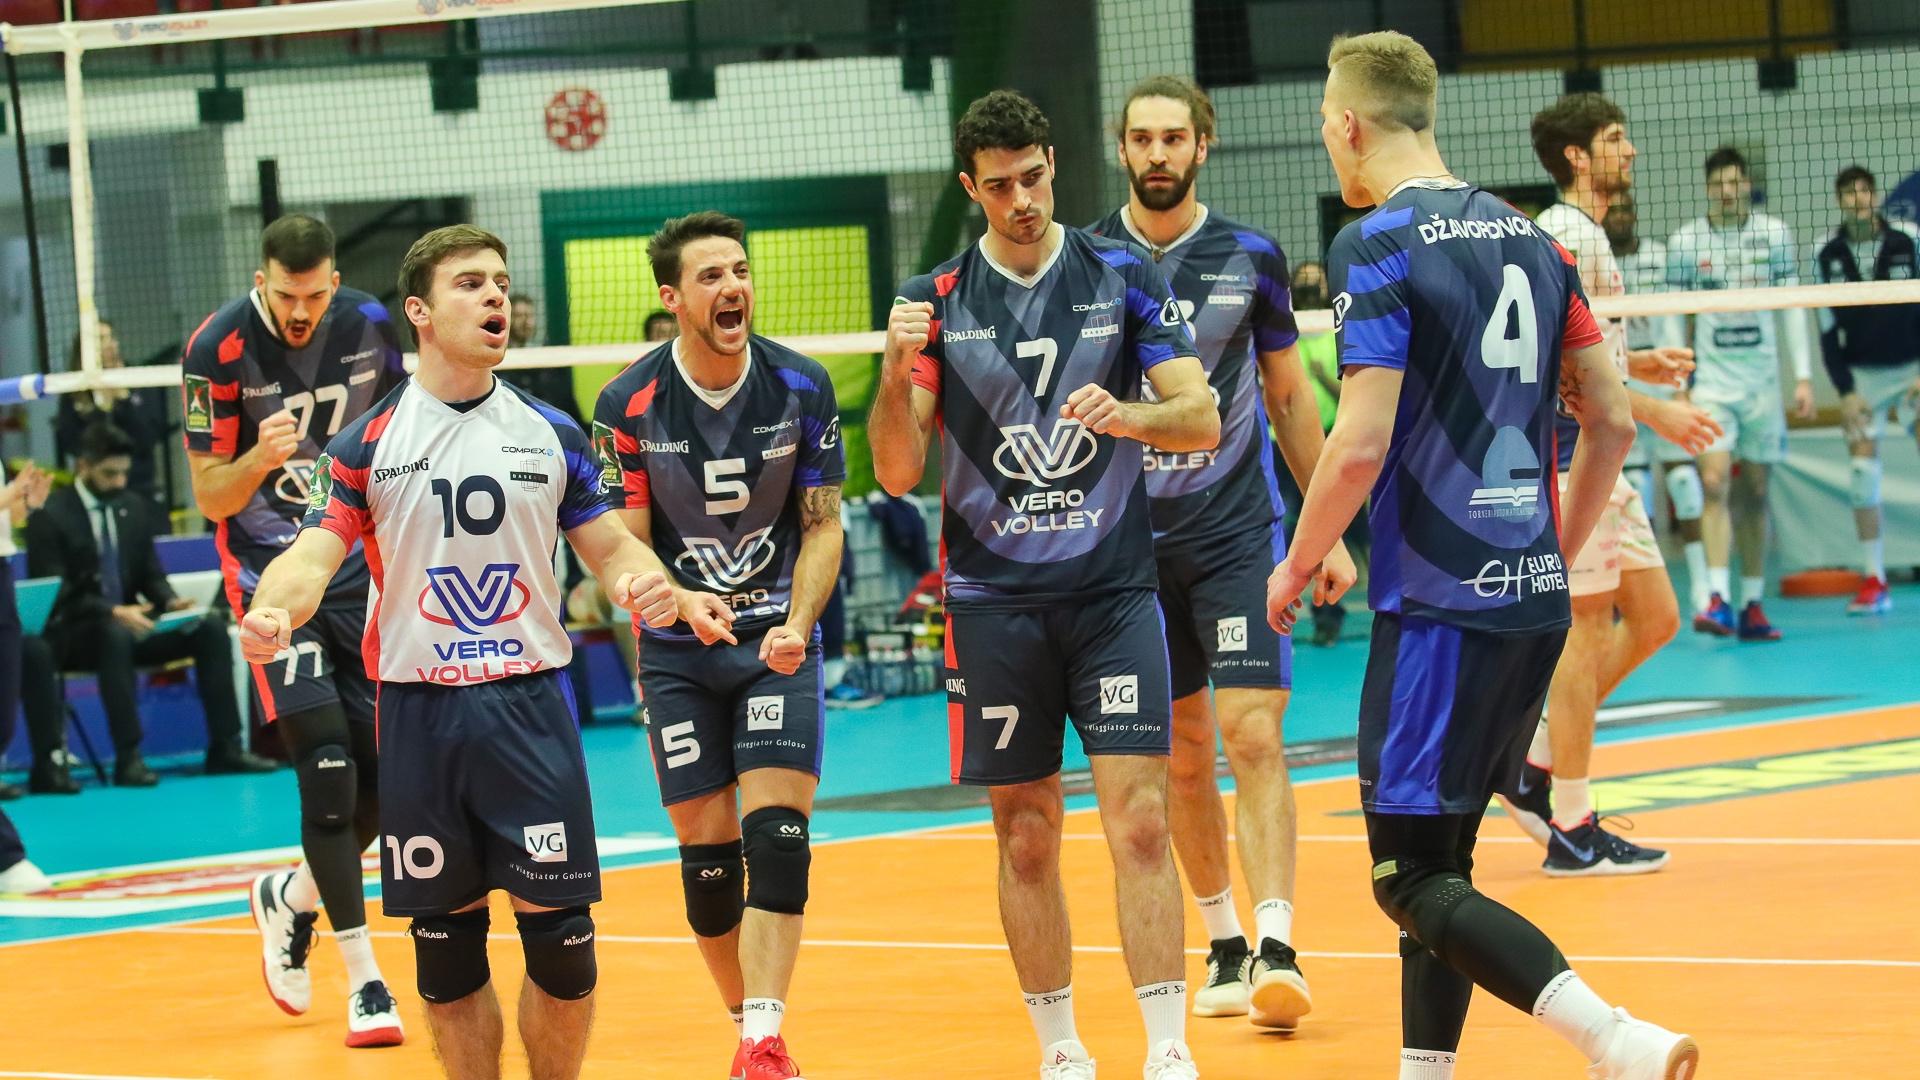 Vero Volley Monza a lavoro a Perugia per preparare la sfida contro Civitanova